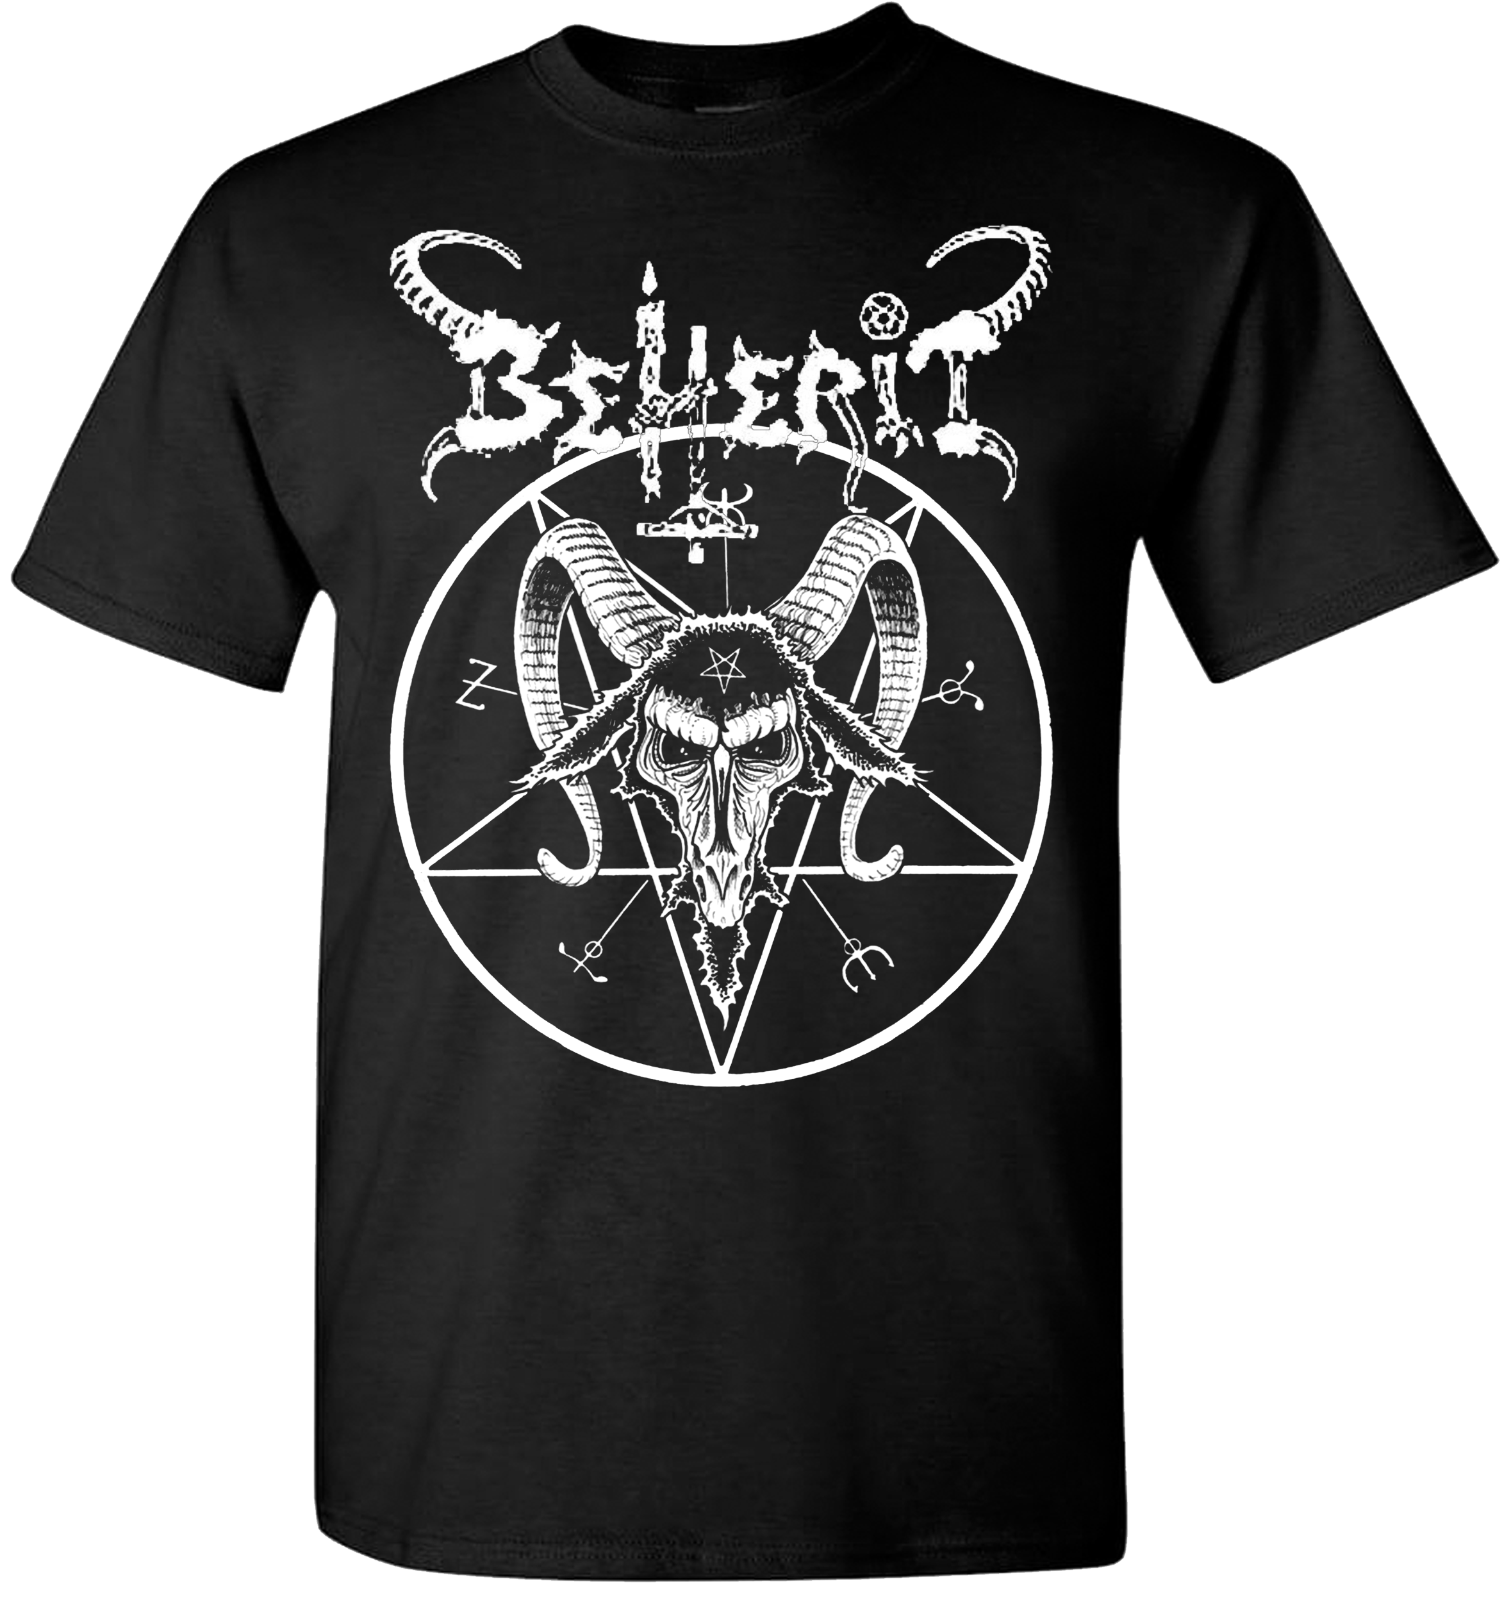 Beherit Pentagram T Shirt Black Metal Death Emperor Blasphemy Dark Throne Newest 2018 Men T Shirt Fashion Top Tee Light